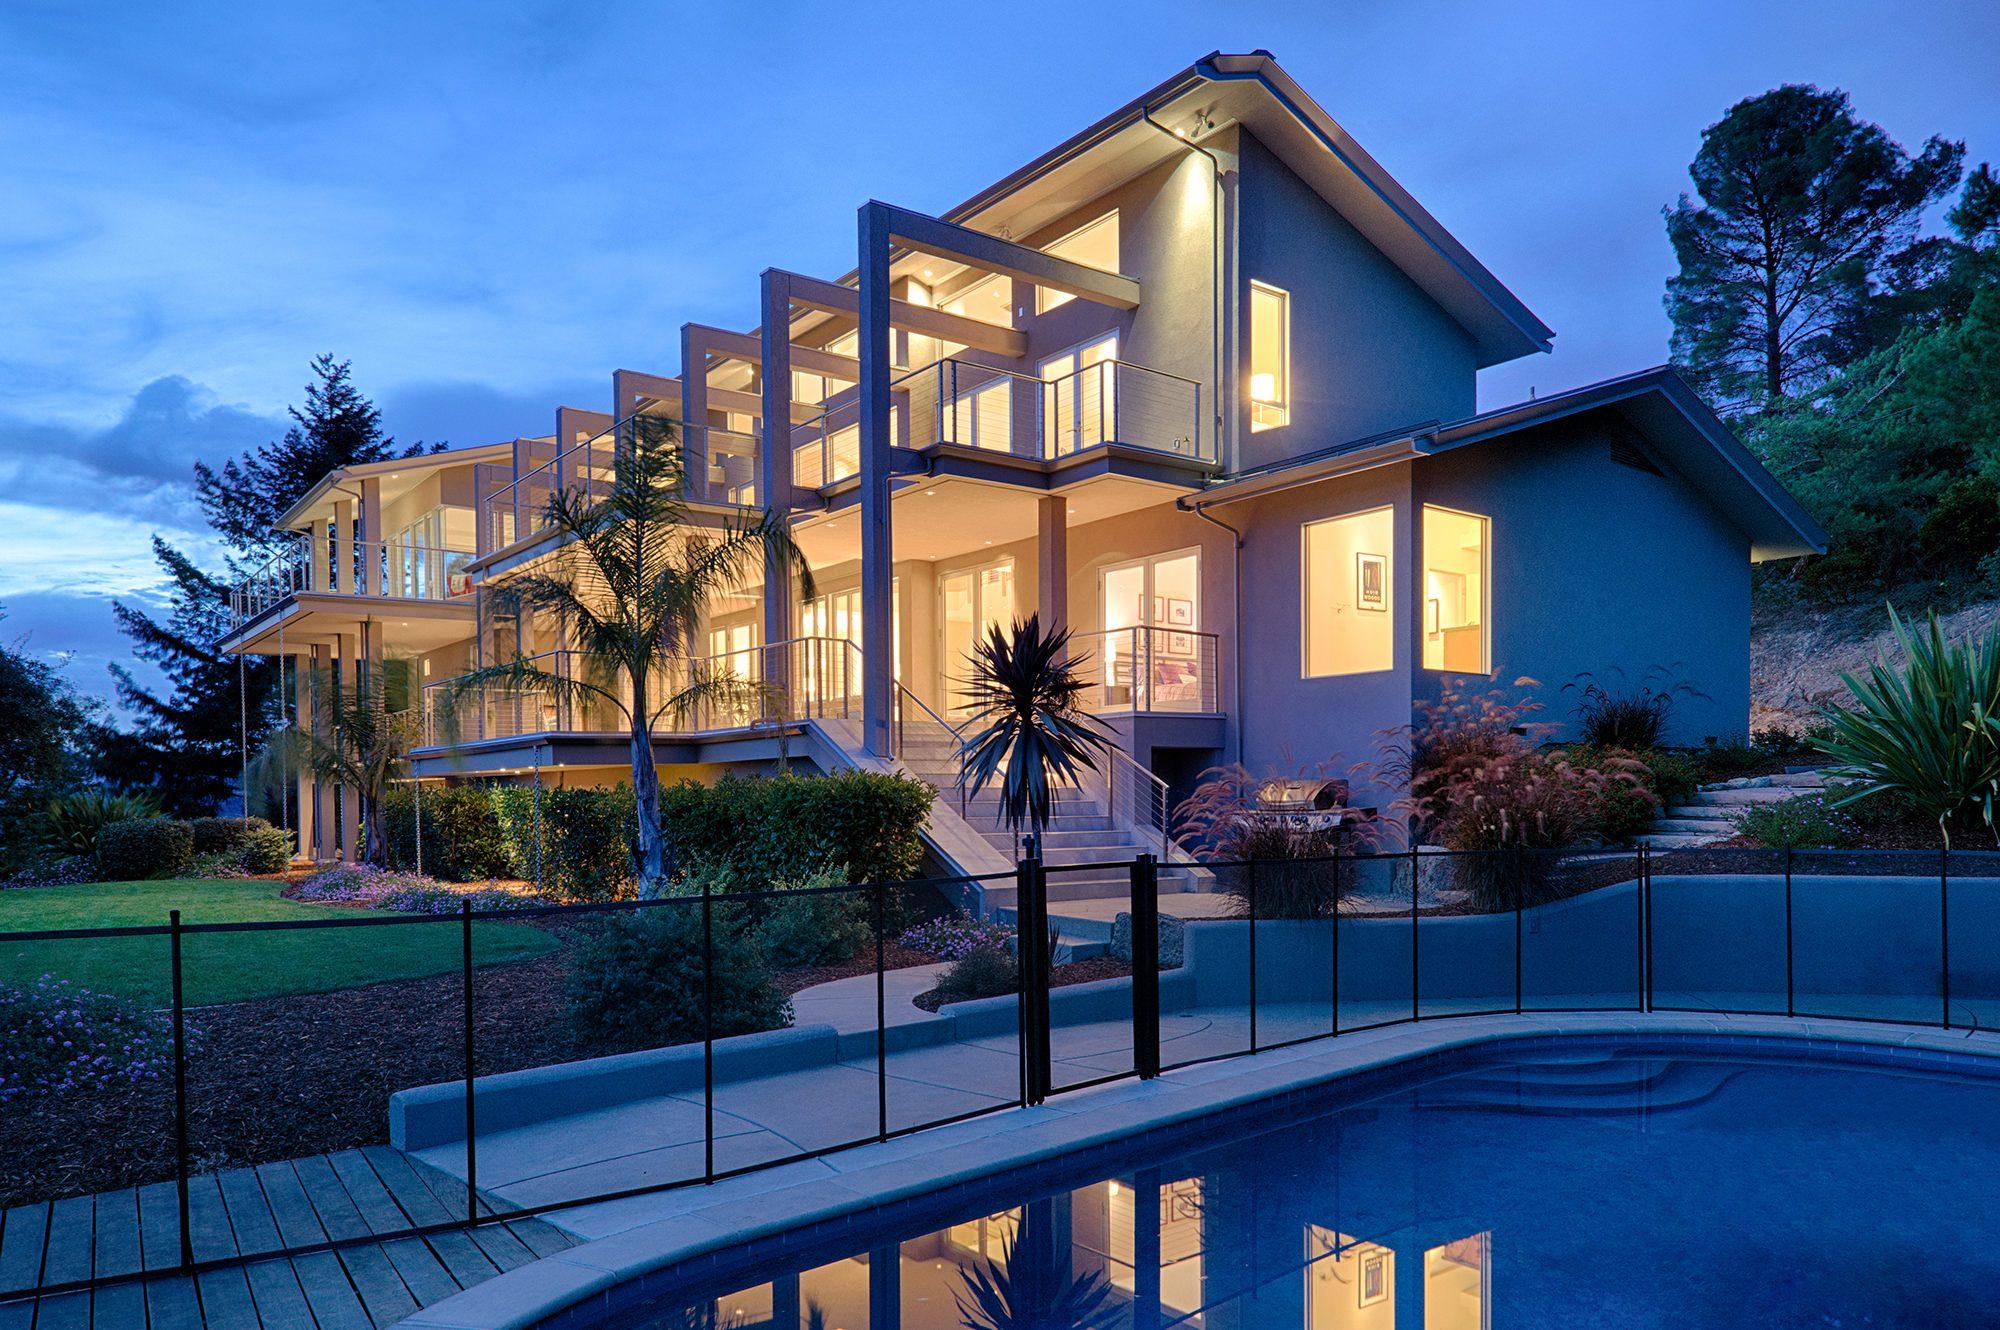 Custom designed home in Napa Valley